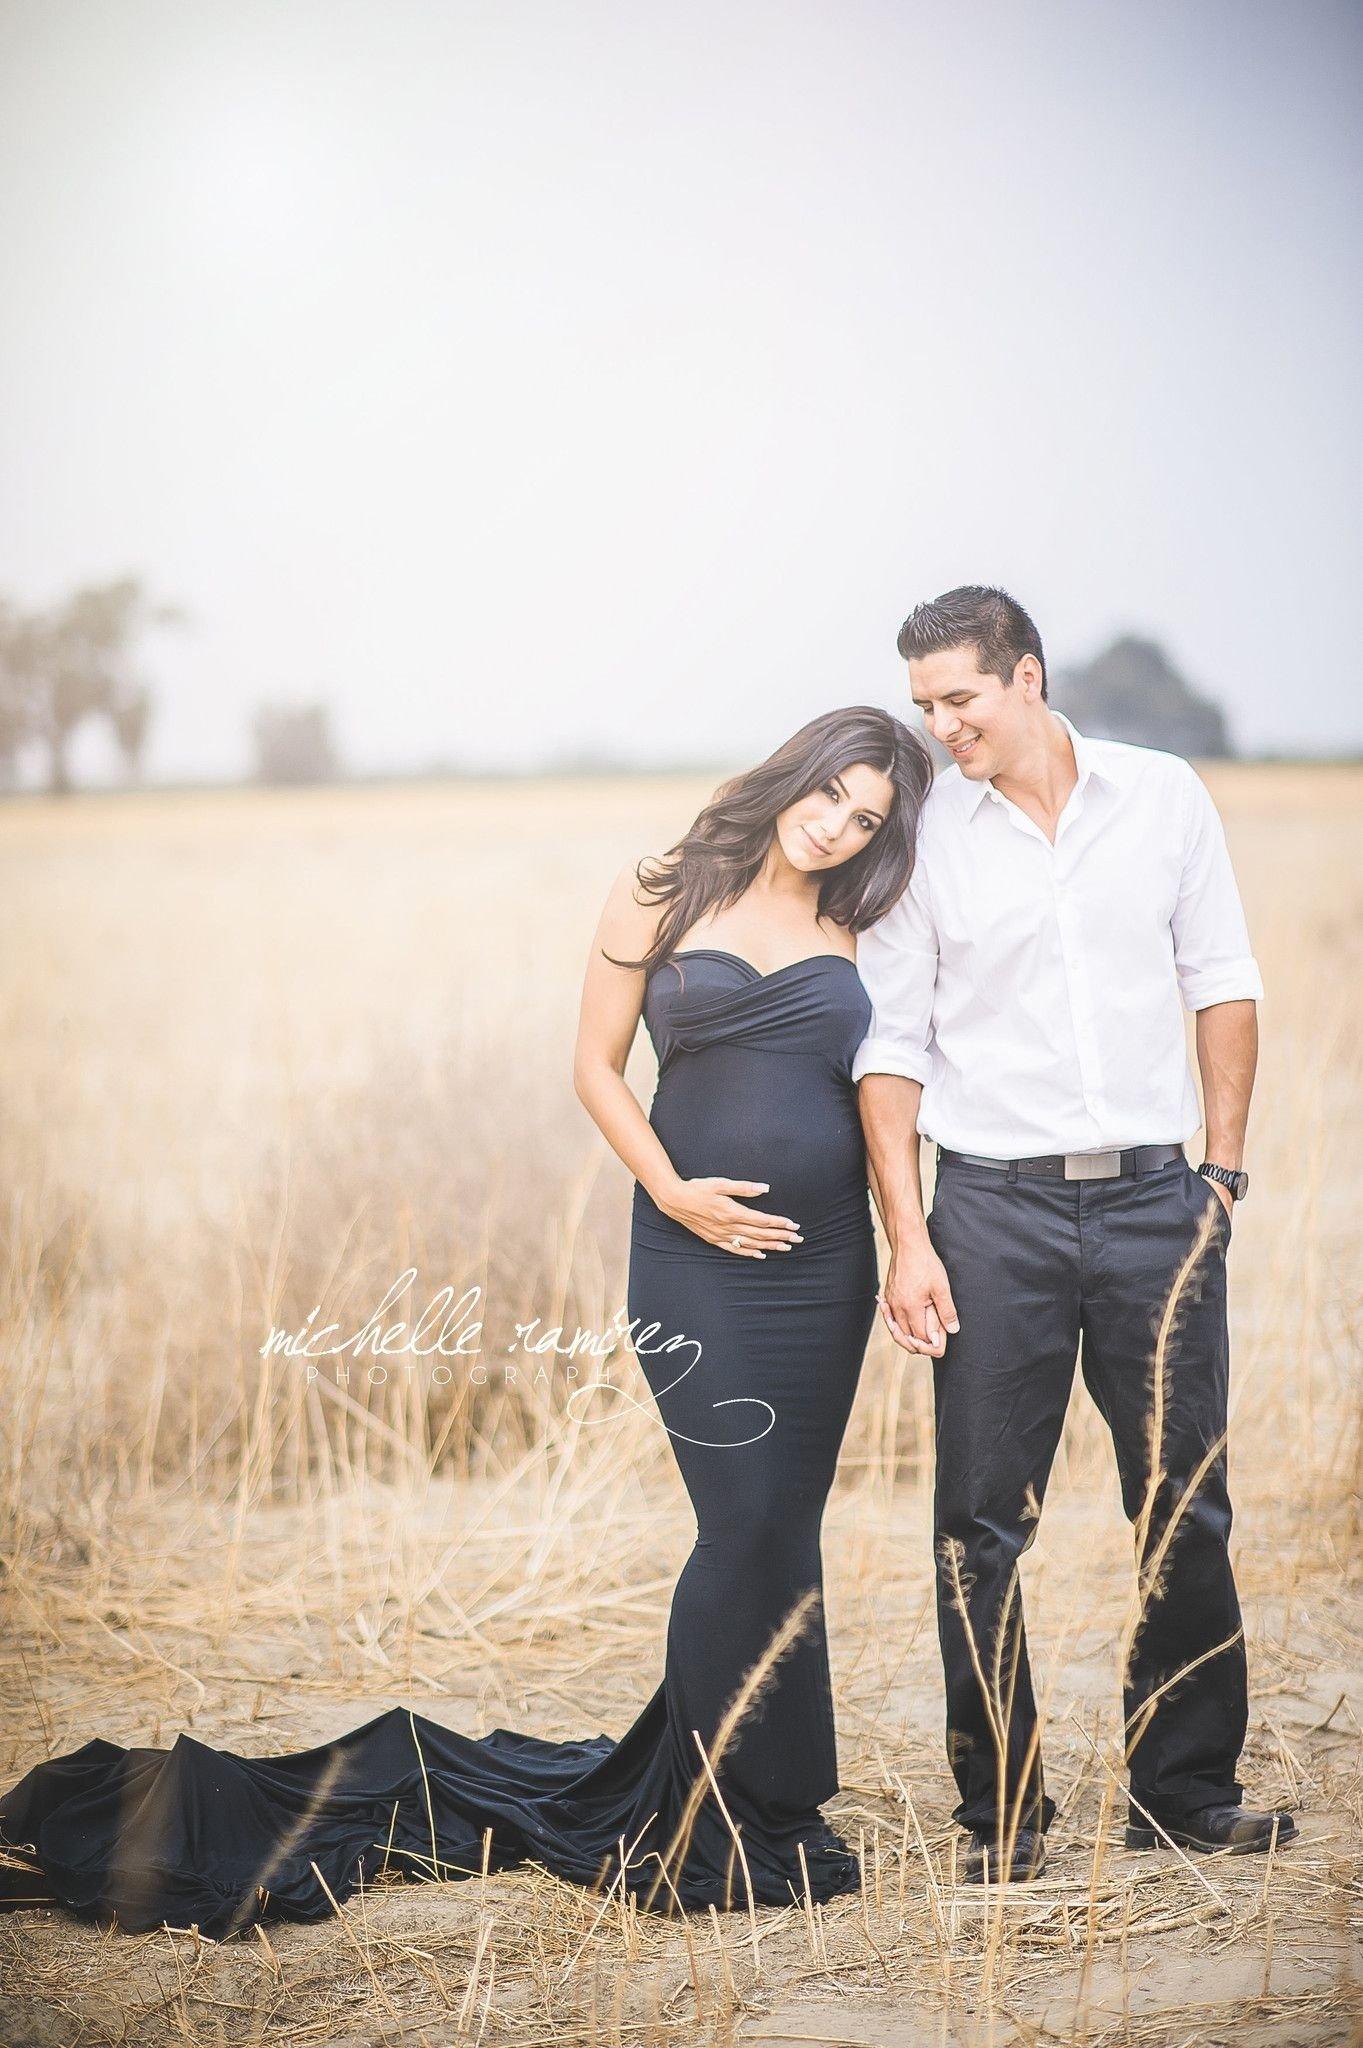 cute pregnancy photo shoot ideas